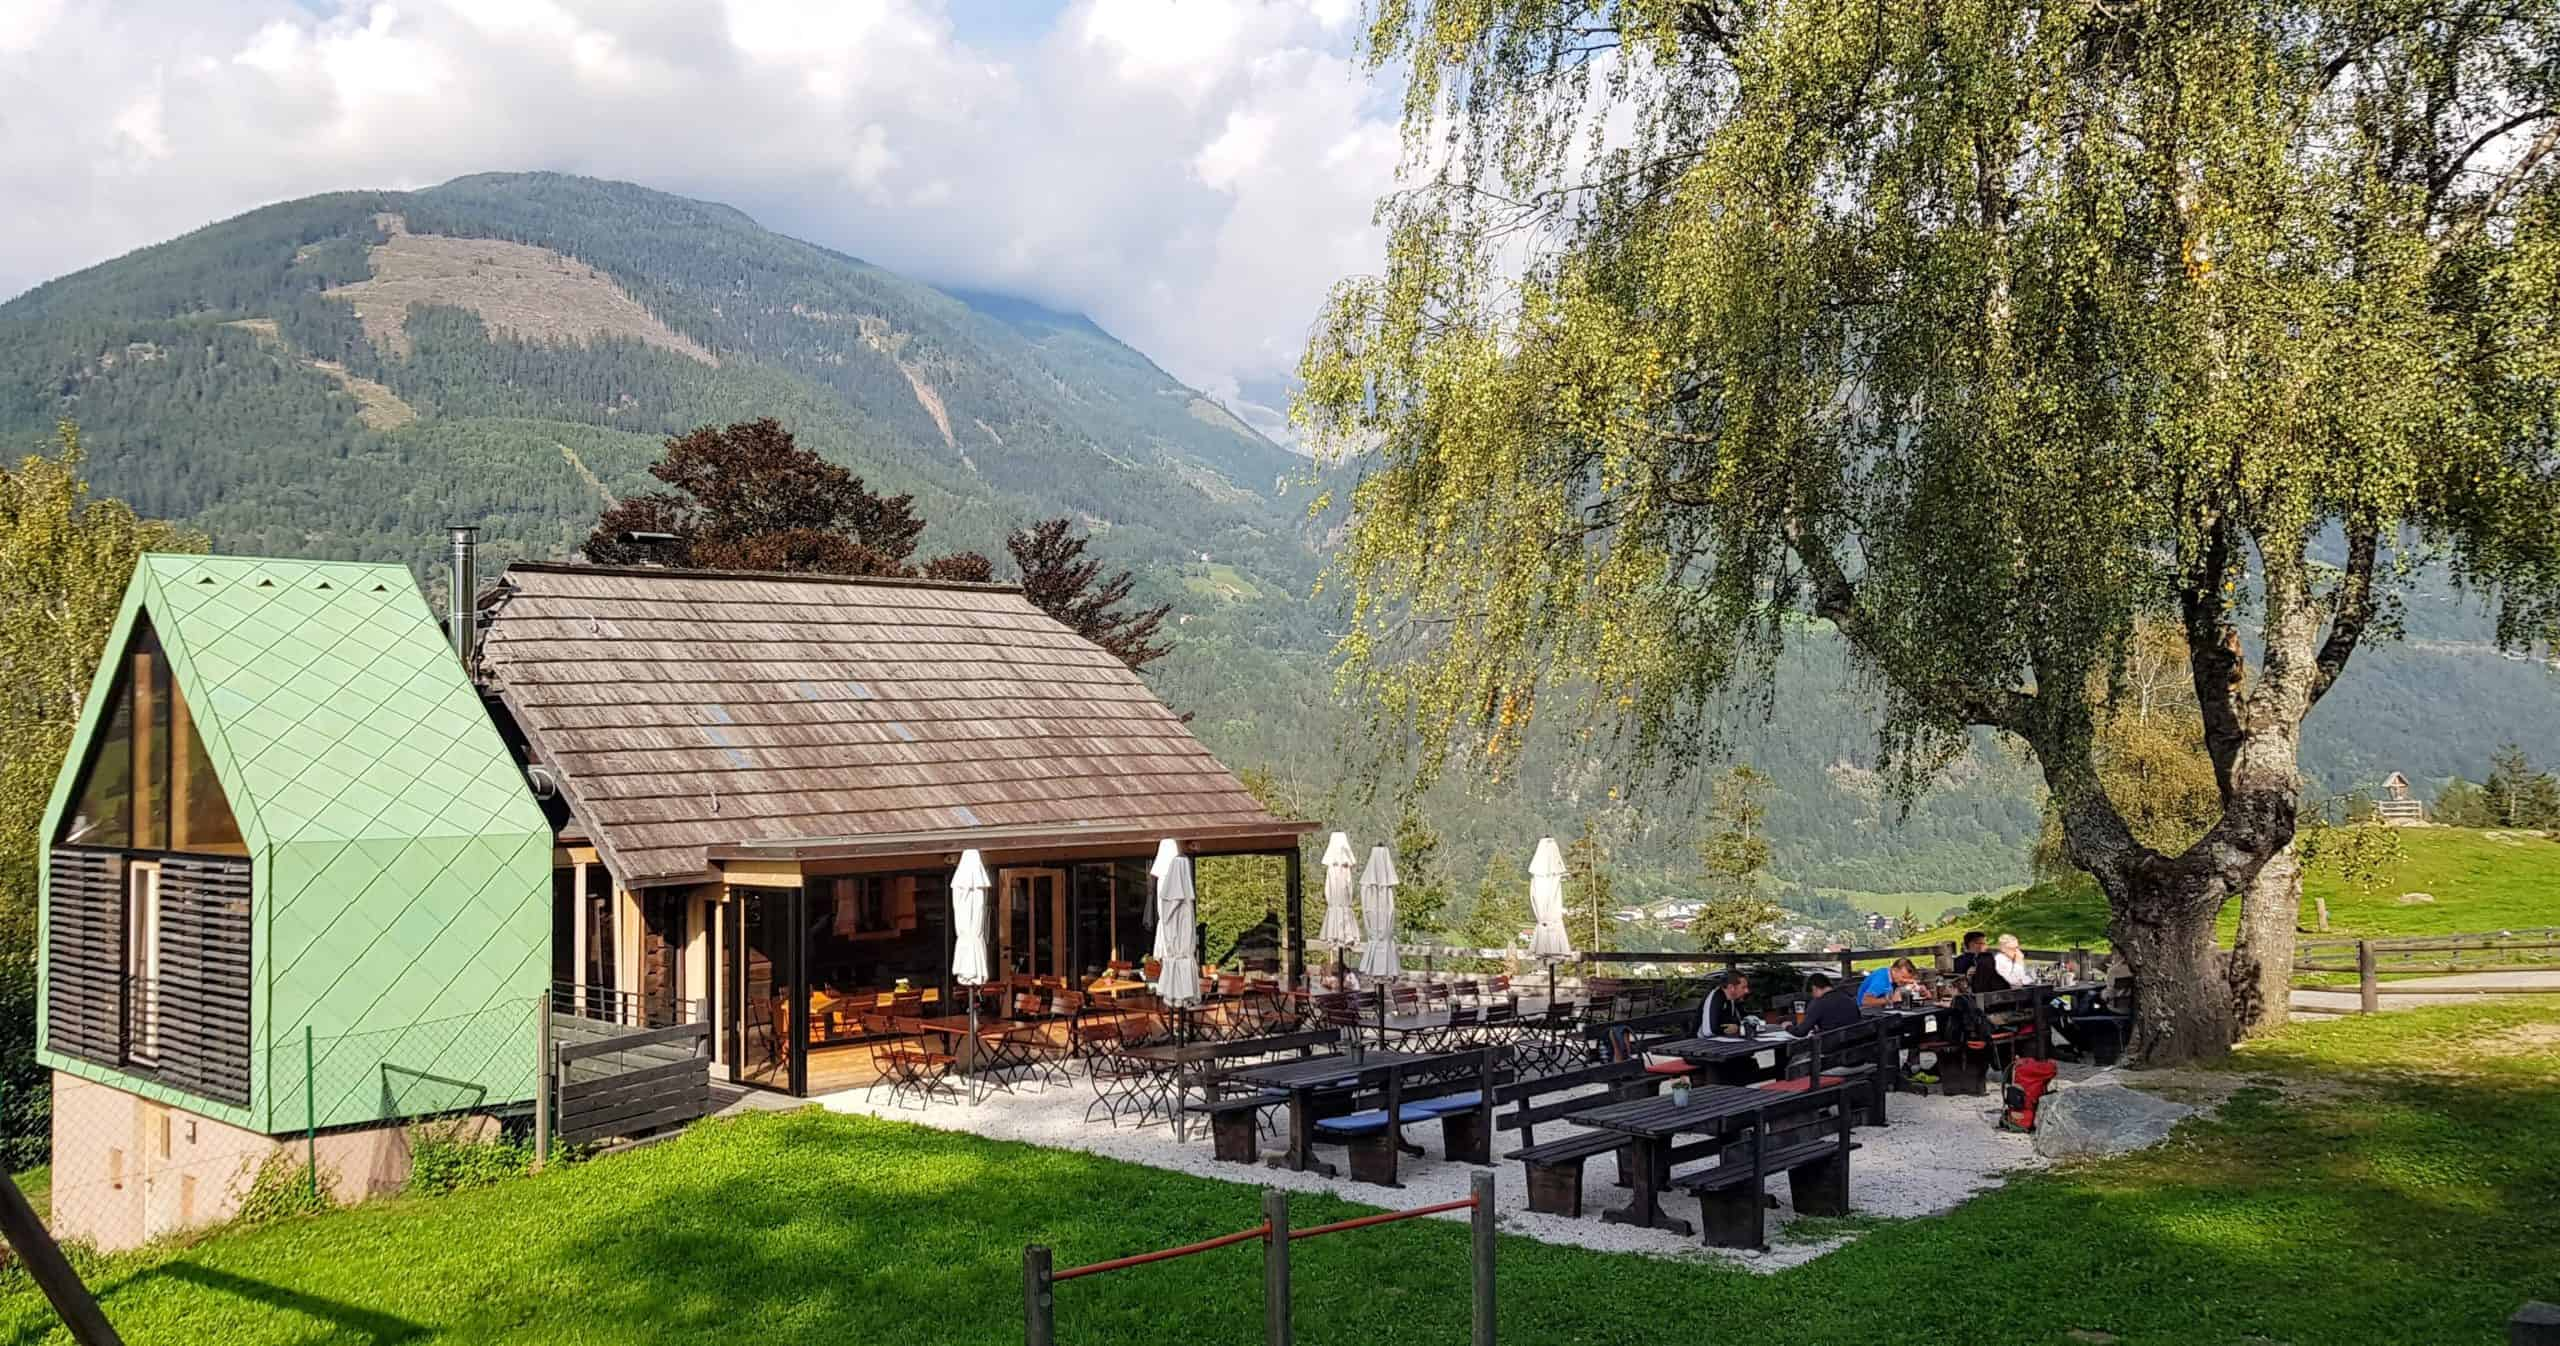 Terrasse der Launsberg Hütte. Slow-Food-Betrieb in Obervellach mit modernem Zubau. Ausflugsziel & Sehenswürdigkeit in Kärnten.